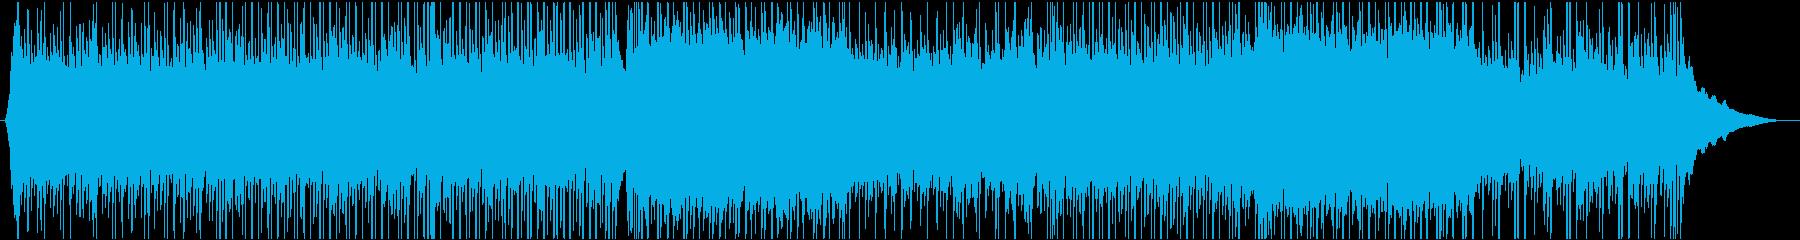 シンプルなピアノの爽やかポップロックの再生済みの波形